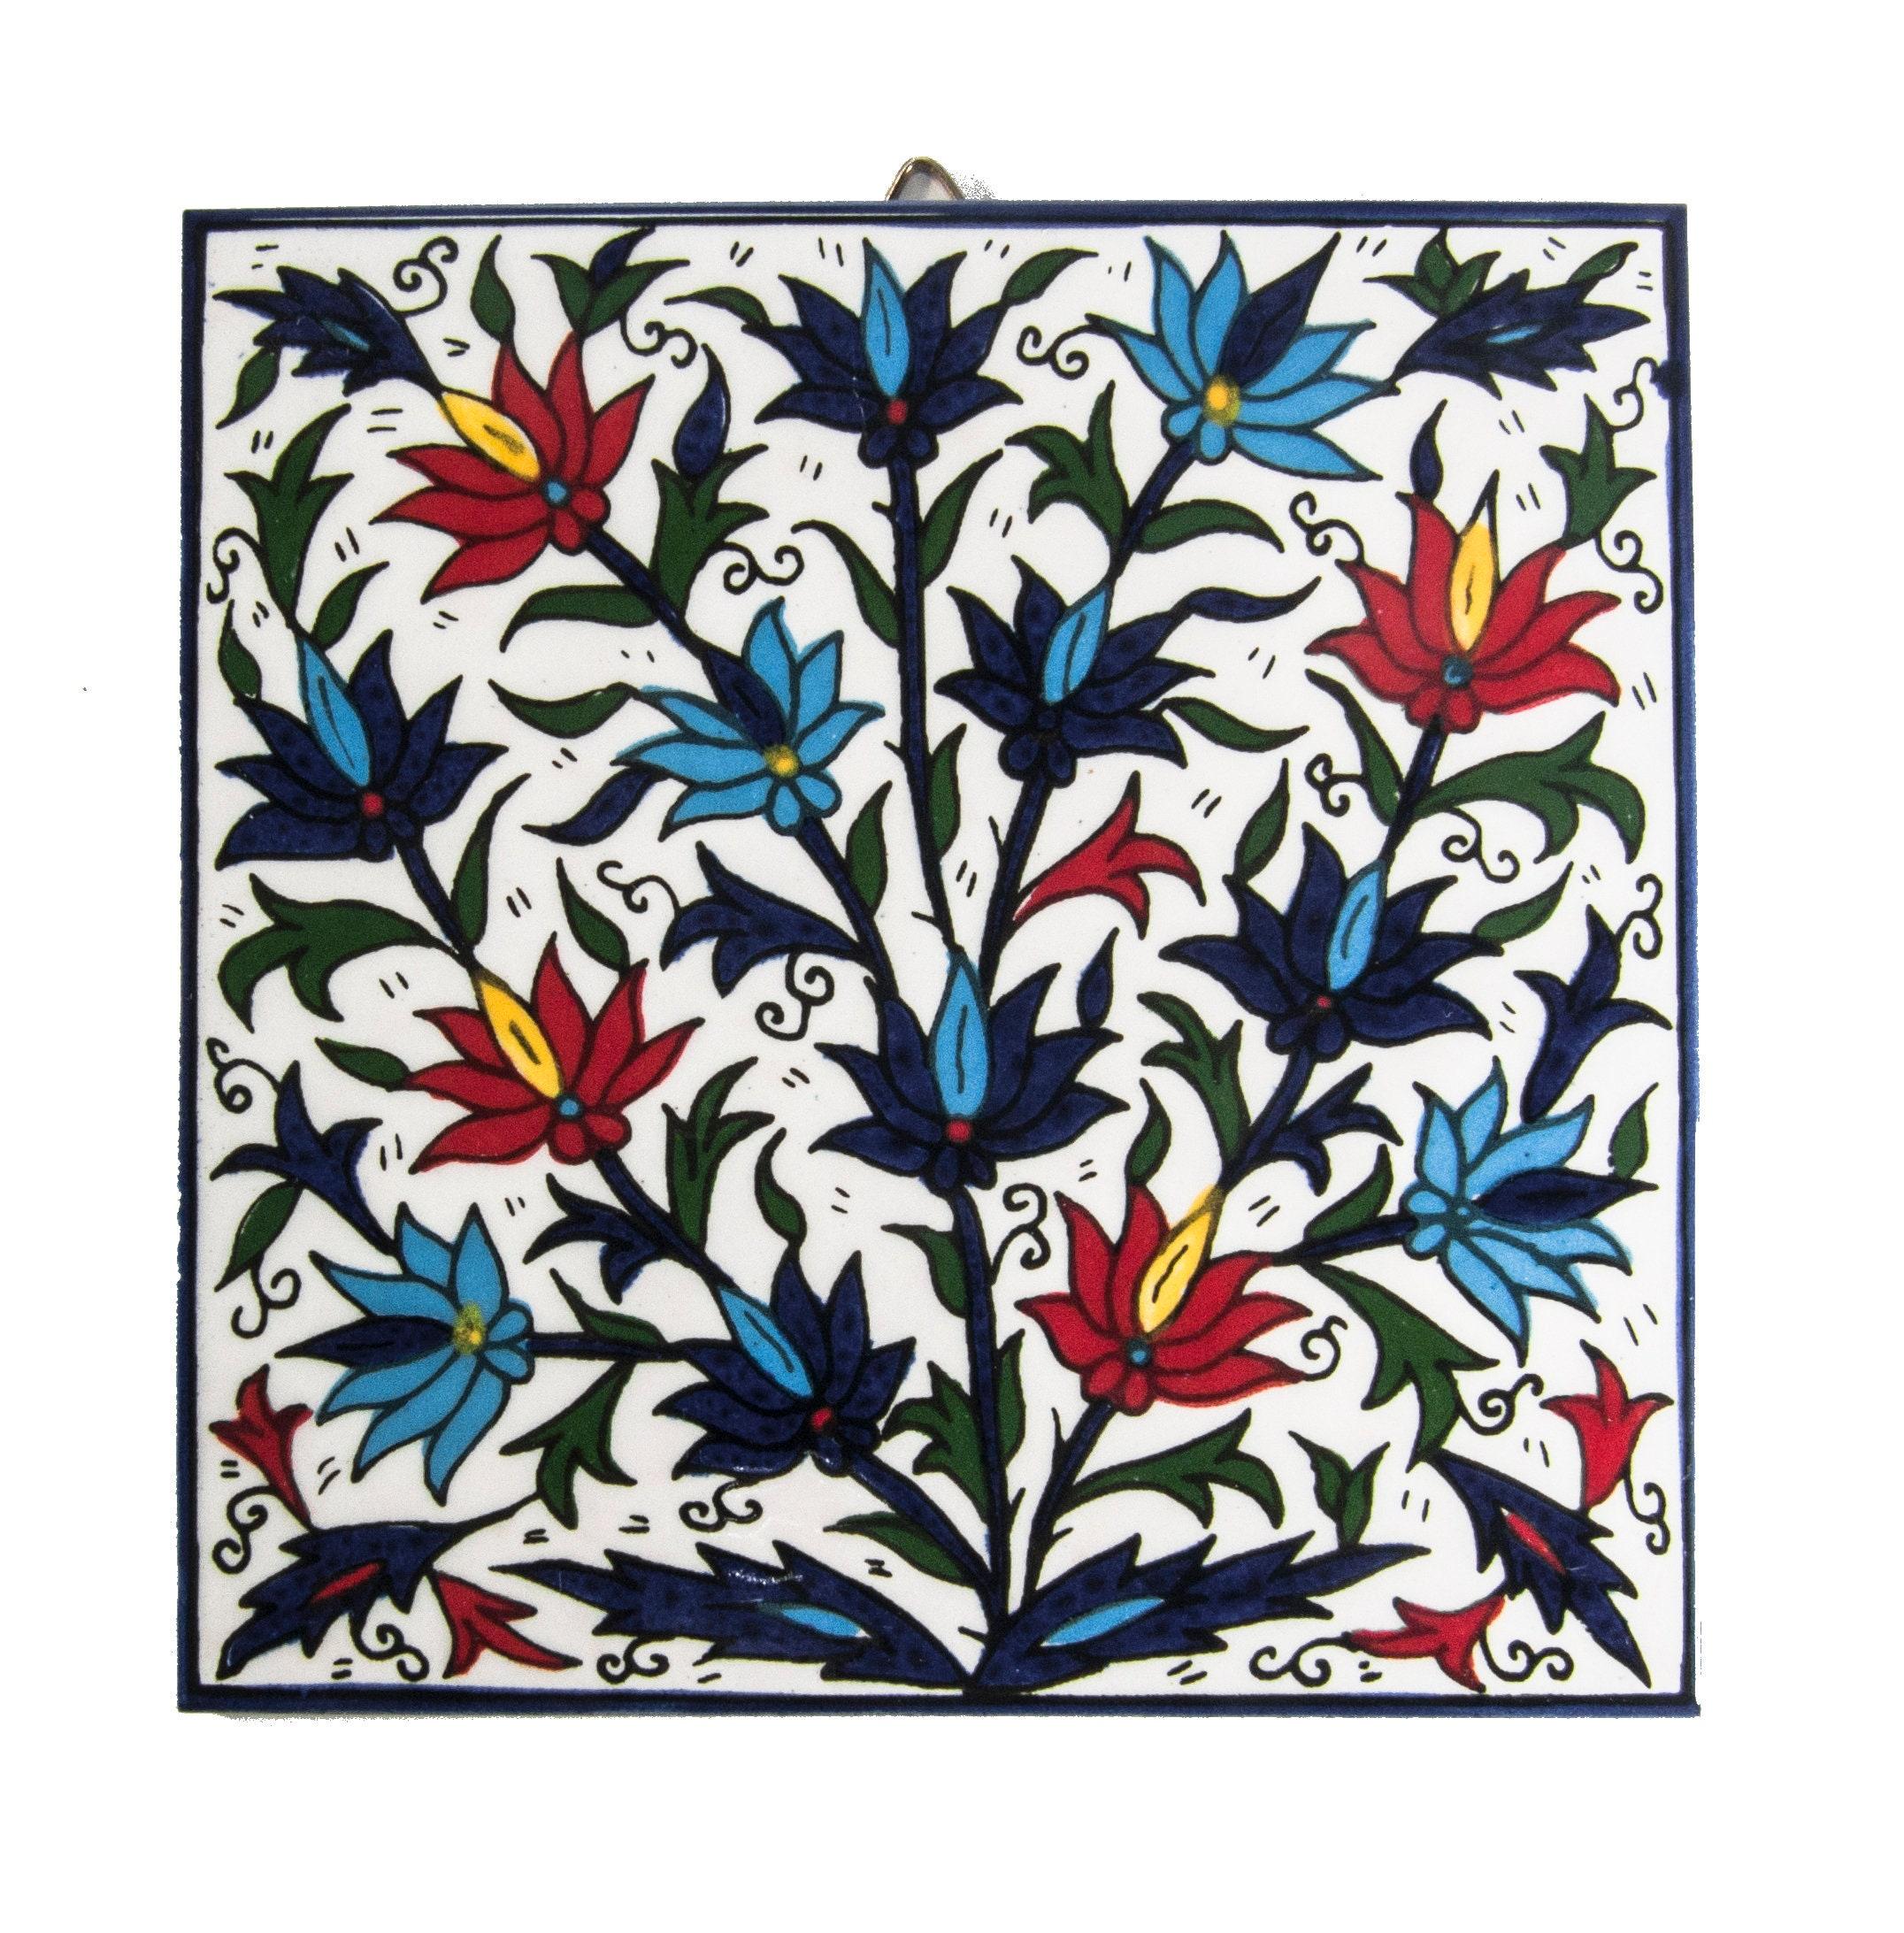 Ceramic Tile Wall Armenian Hanging Tiles Art Handmade Decor Etsy